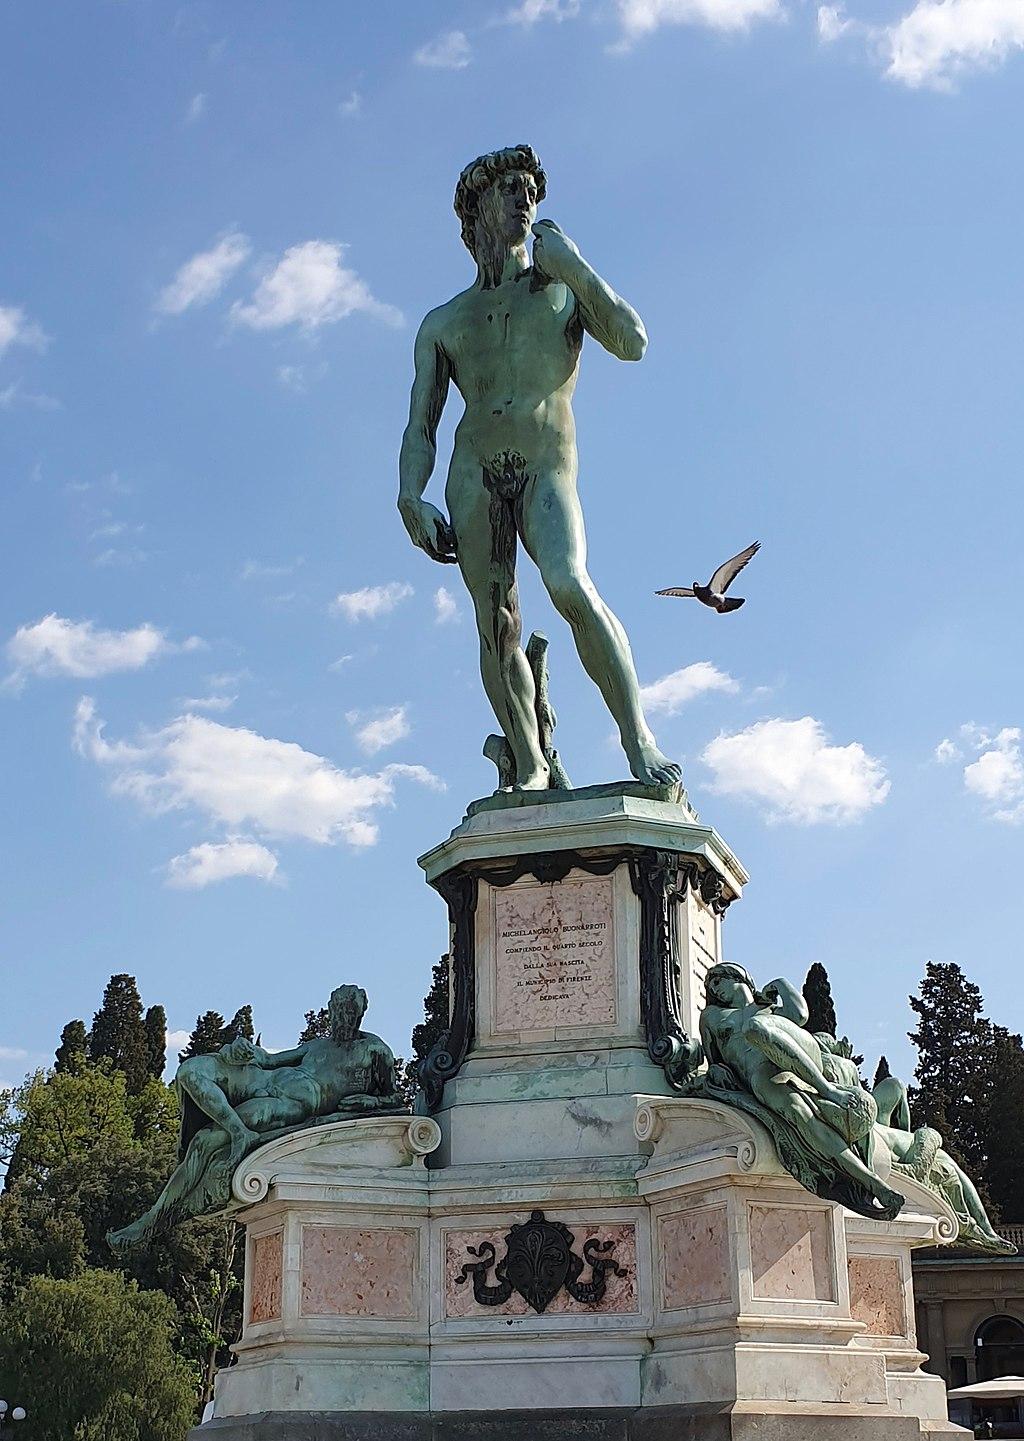 Bronze replica of David after Michelangelo and Bronze replica of Dusk and Dawn after Michelangelo's sculptures on the tomb of Lorenzo de' Medici, Piazzale Michelangelo